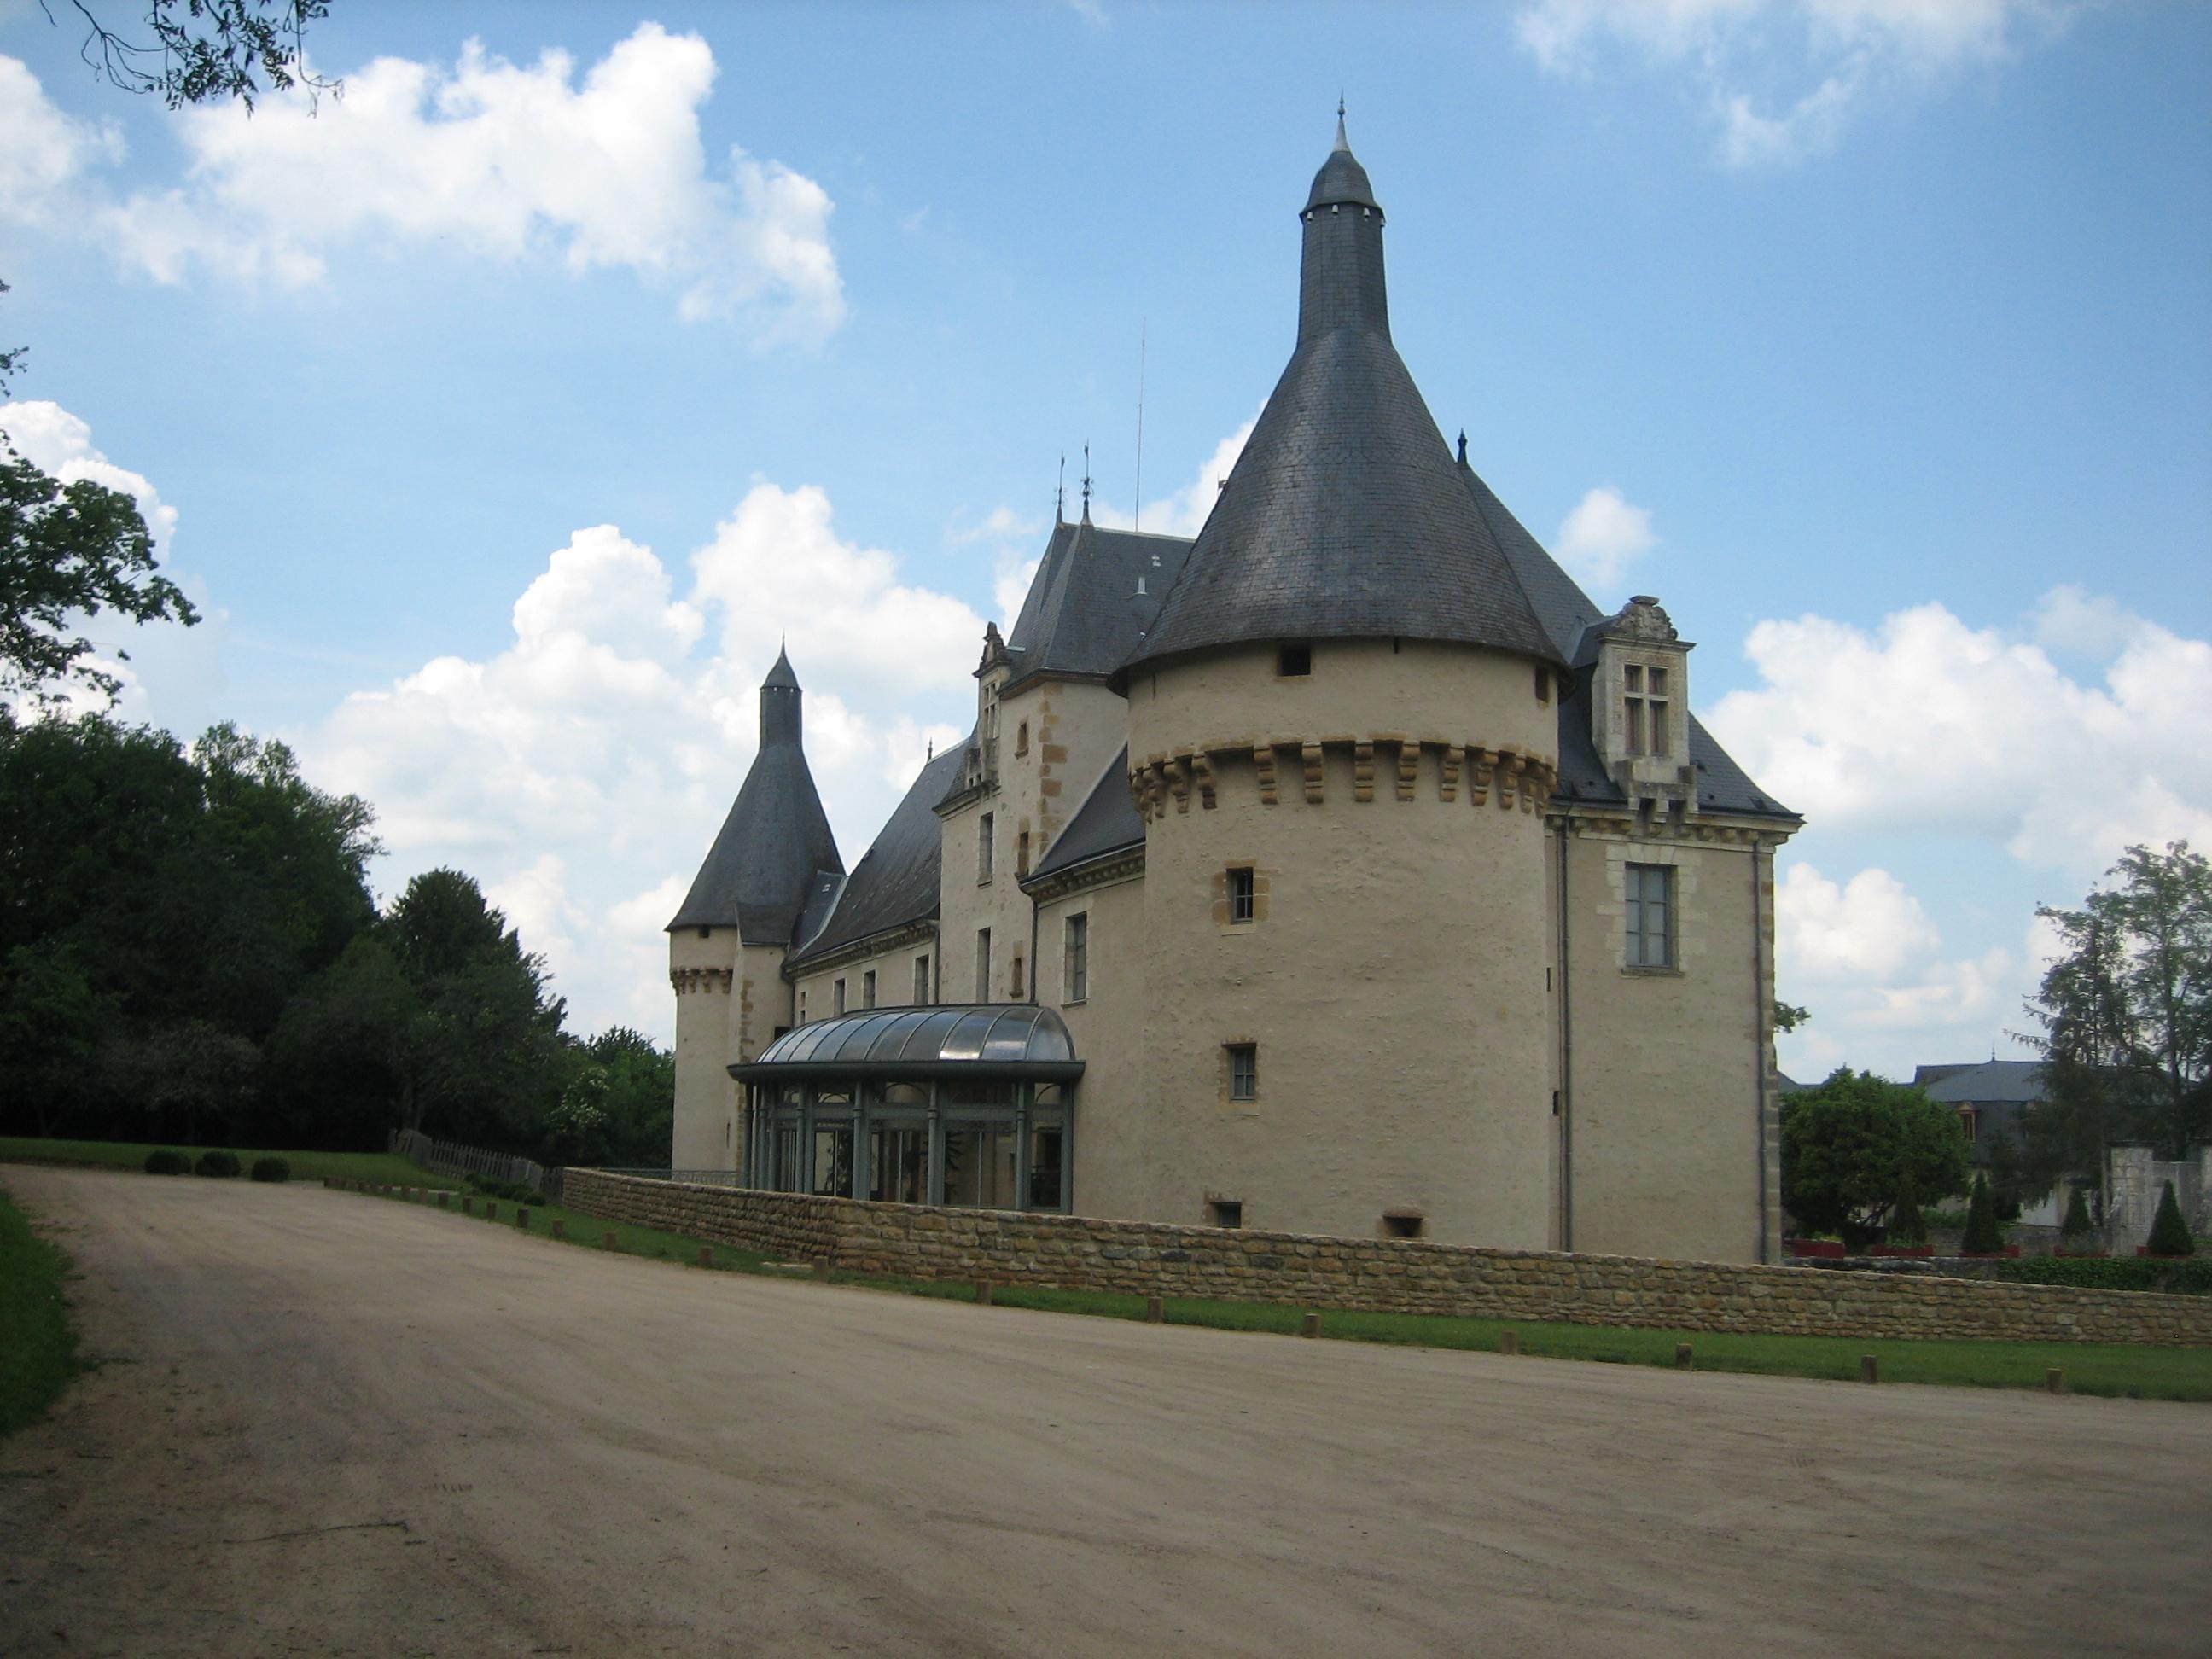 rencontres chateau d'ars Charleville-Mézières